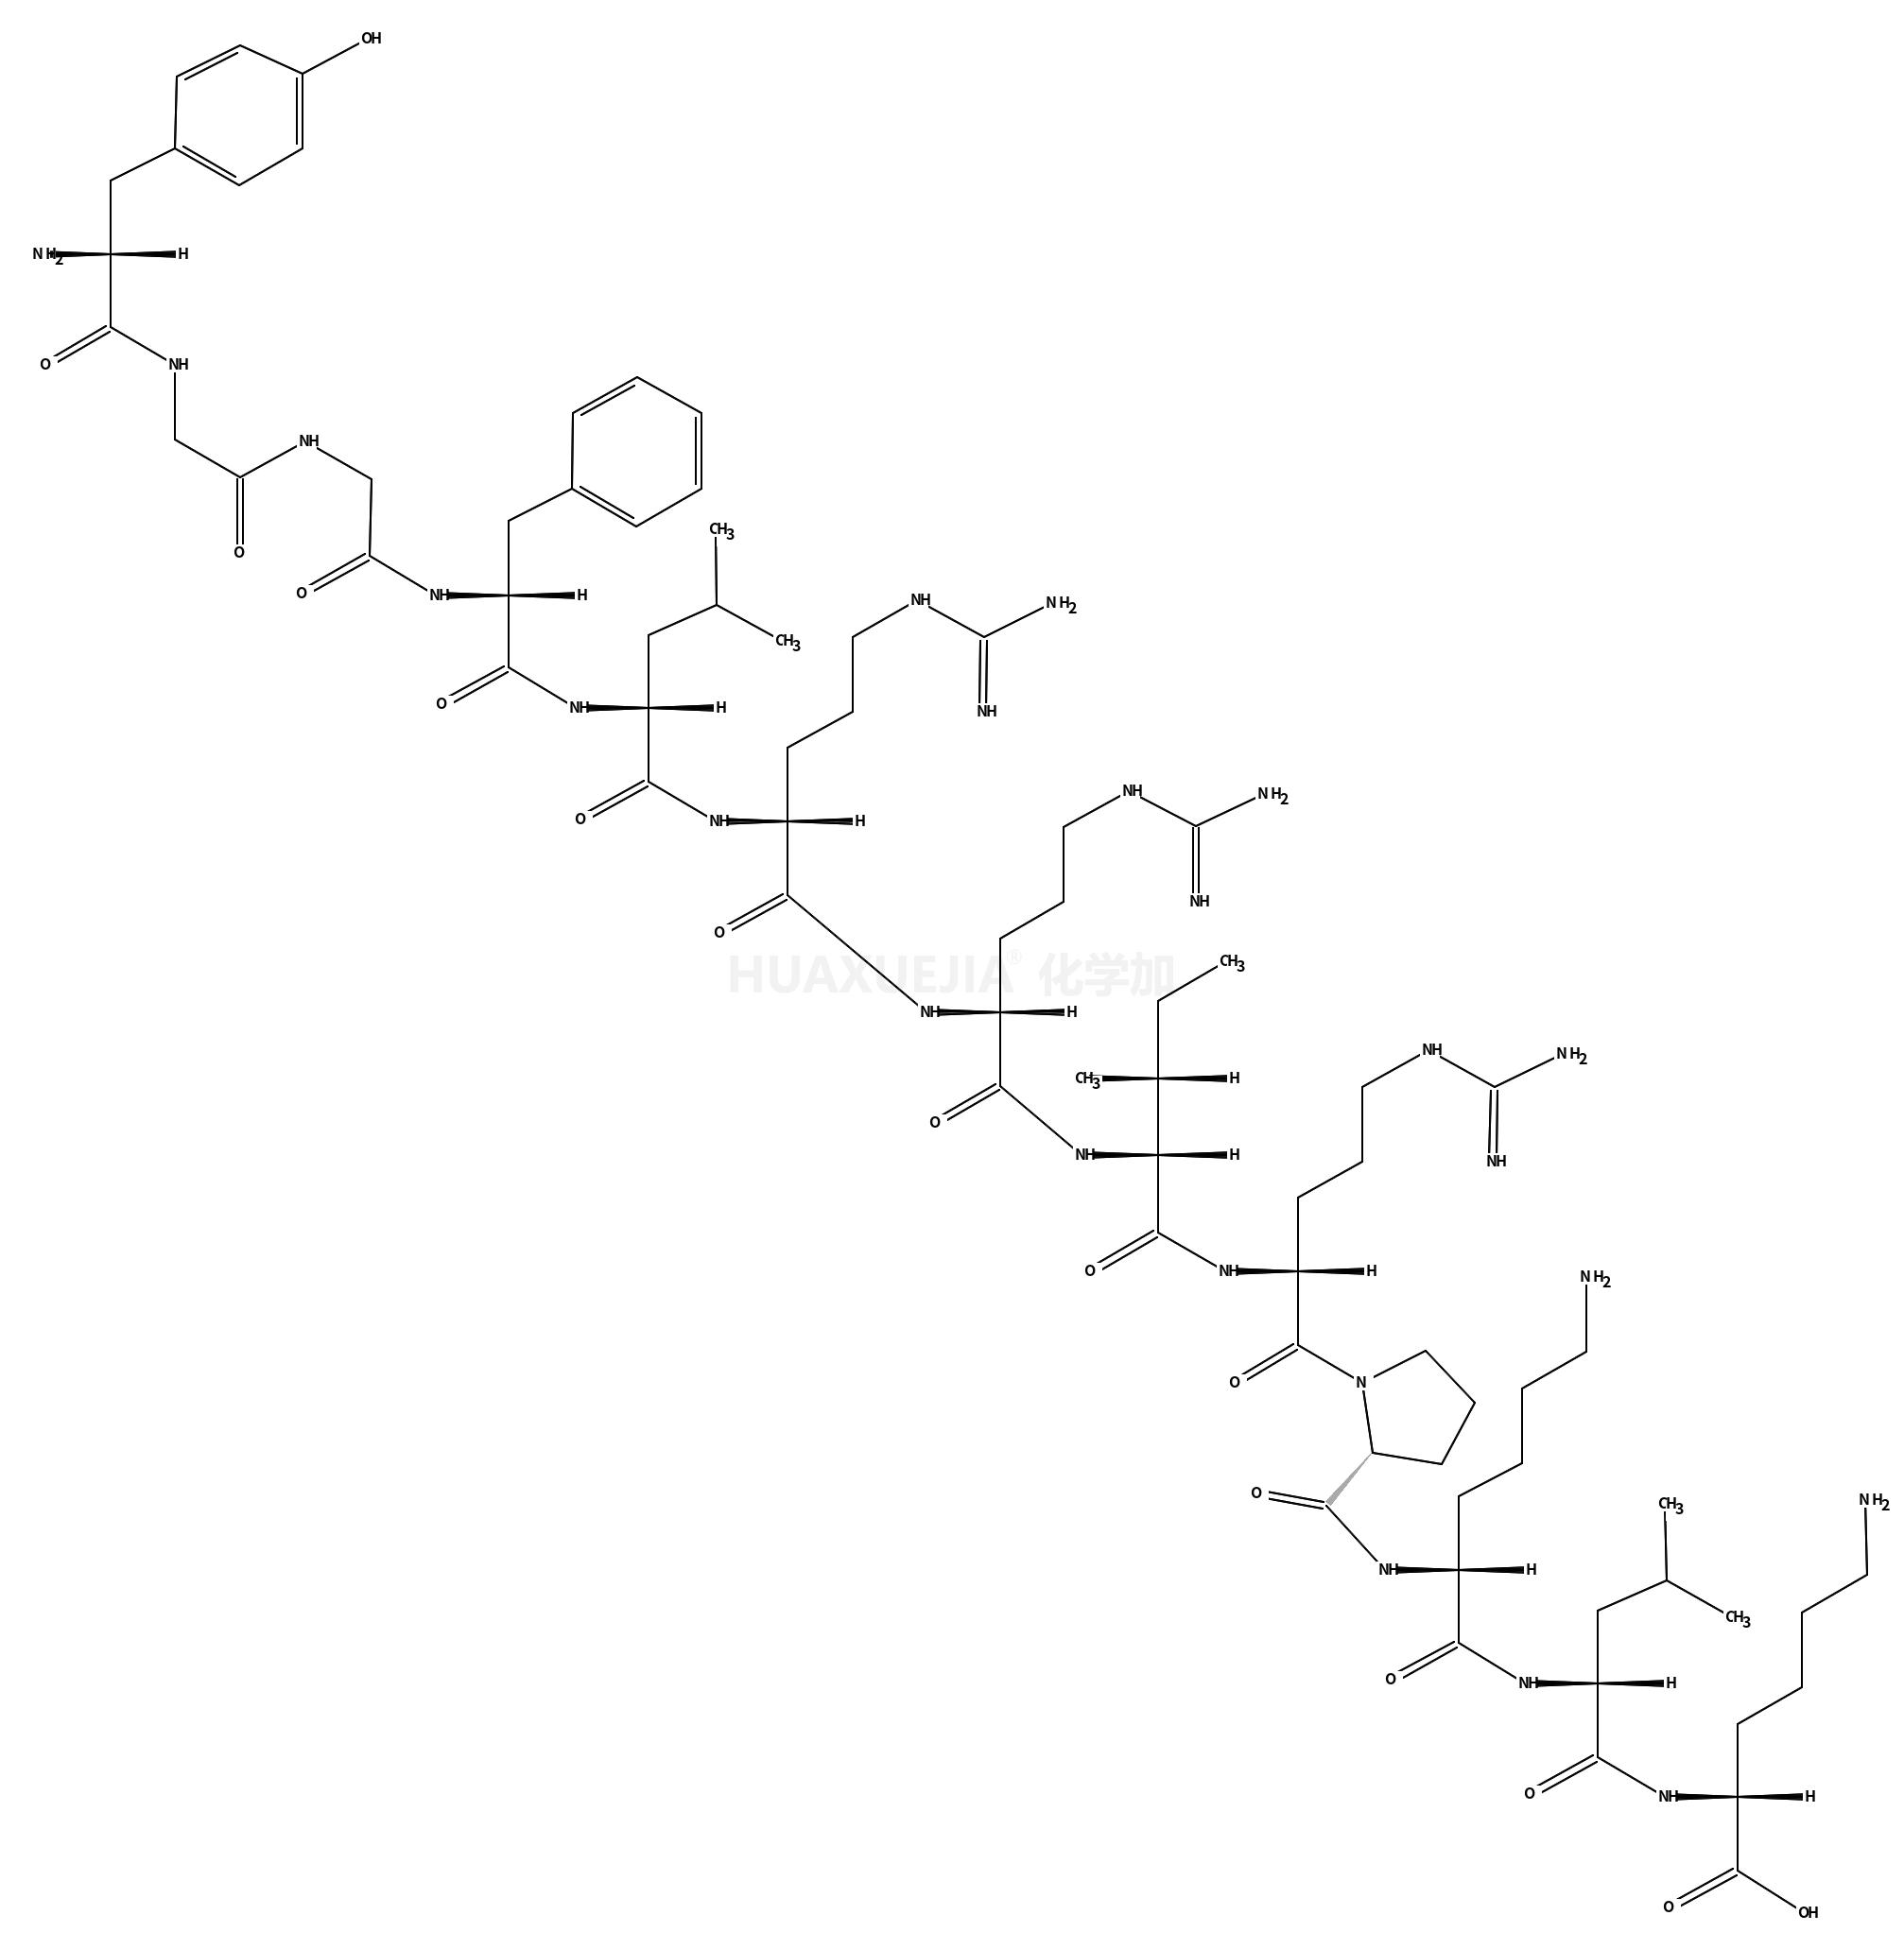 强啡肽 A (1-13)